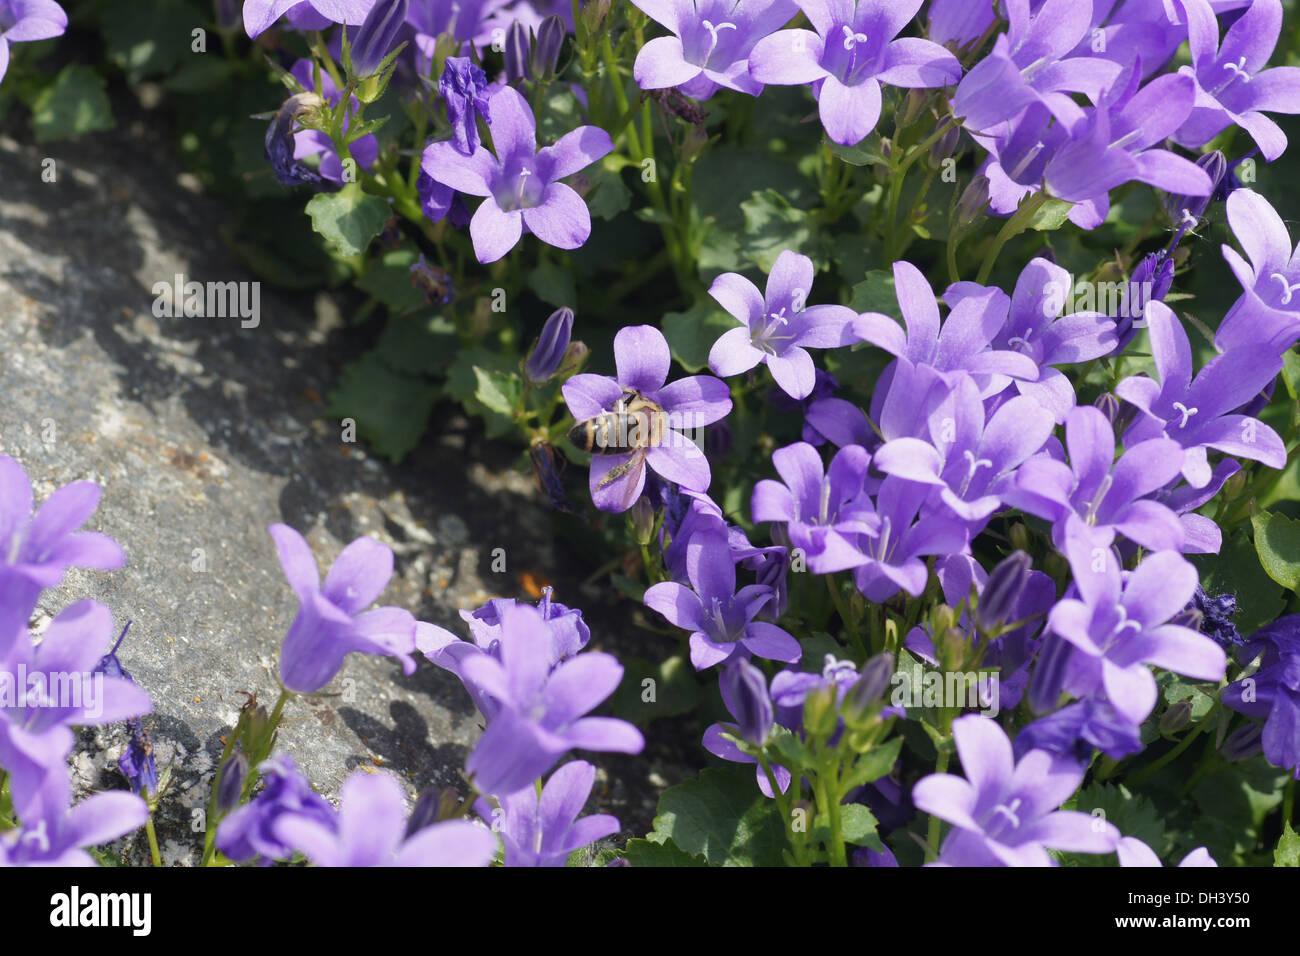 Dalmatian Bellflower - Stock Image